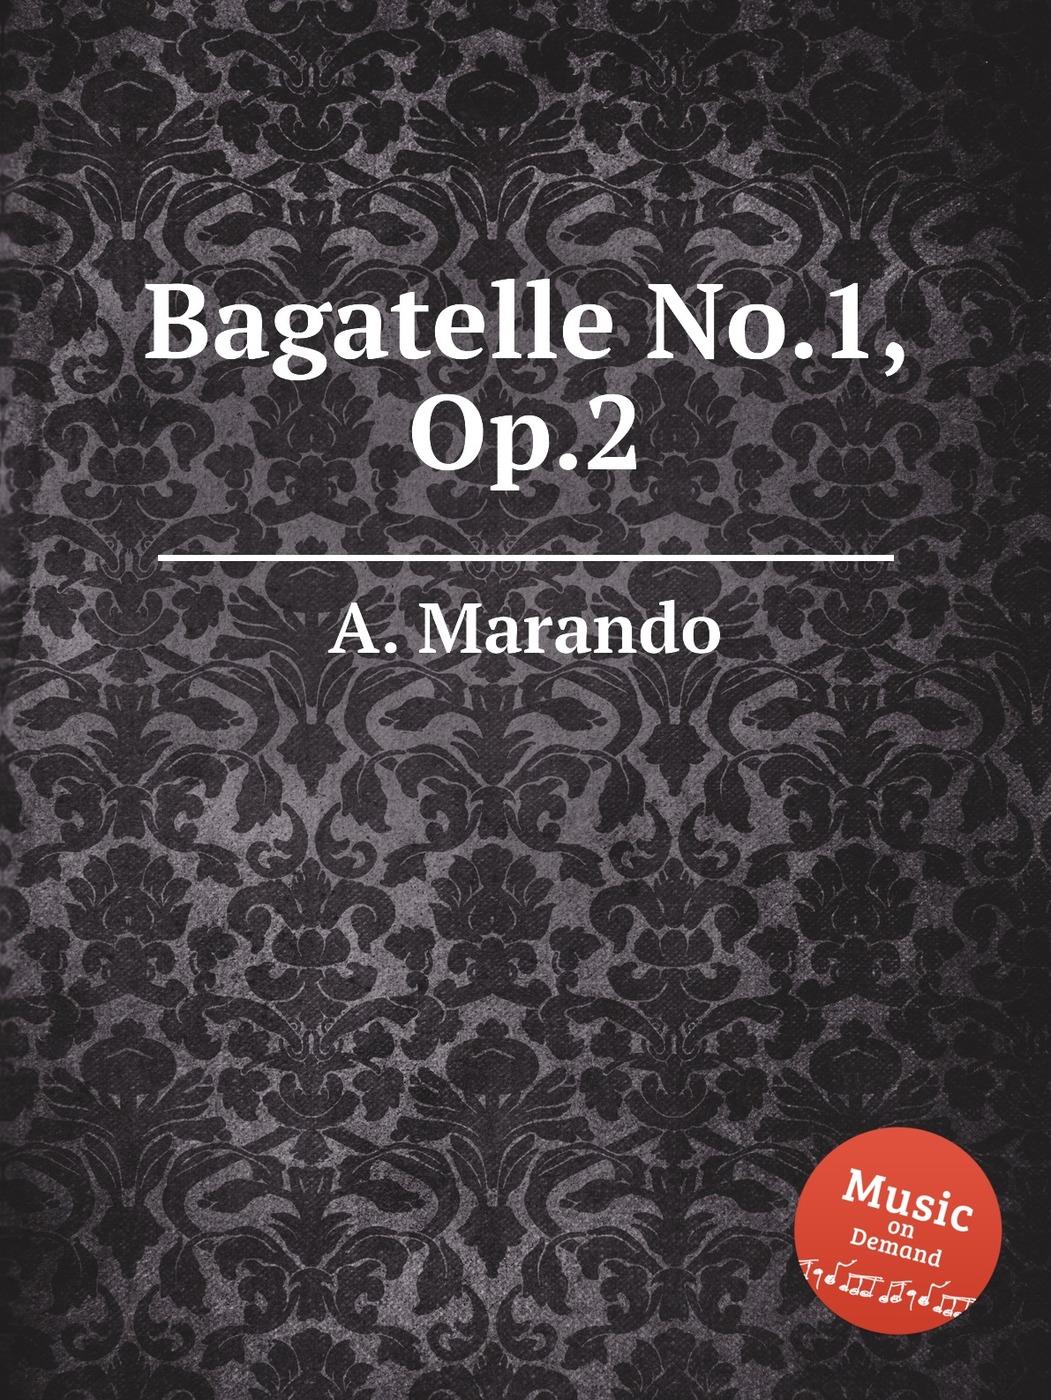 Bagatelle No.1, Op.2